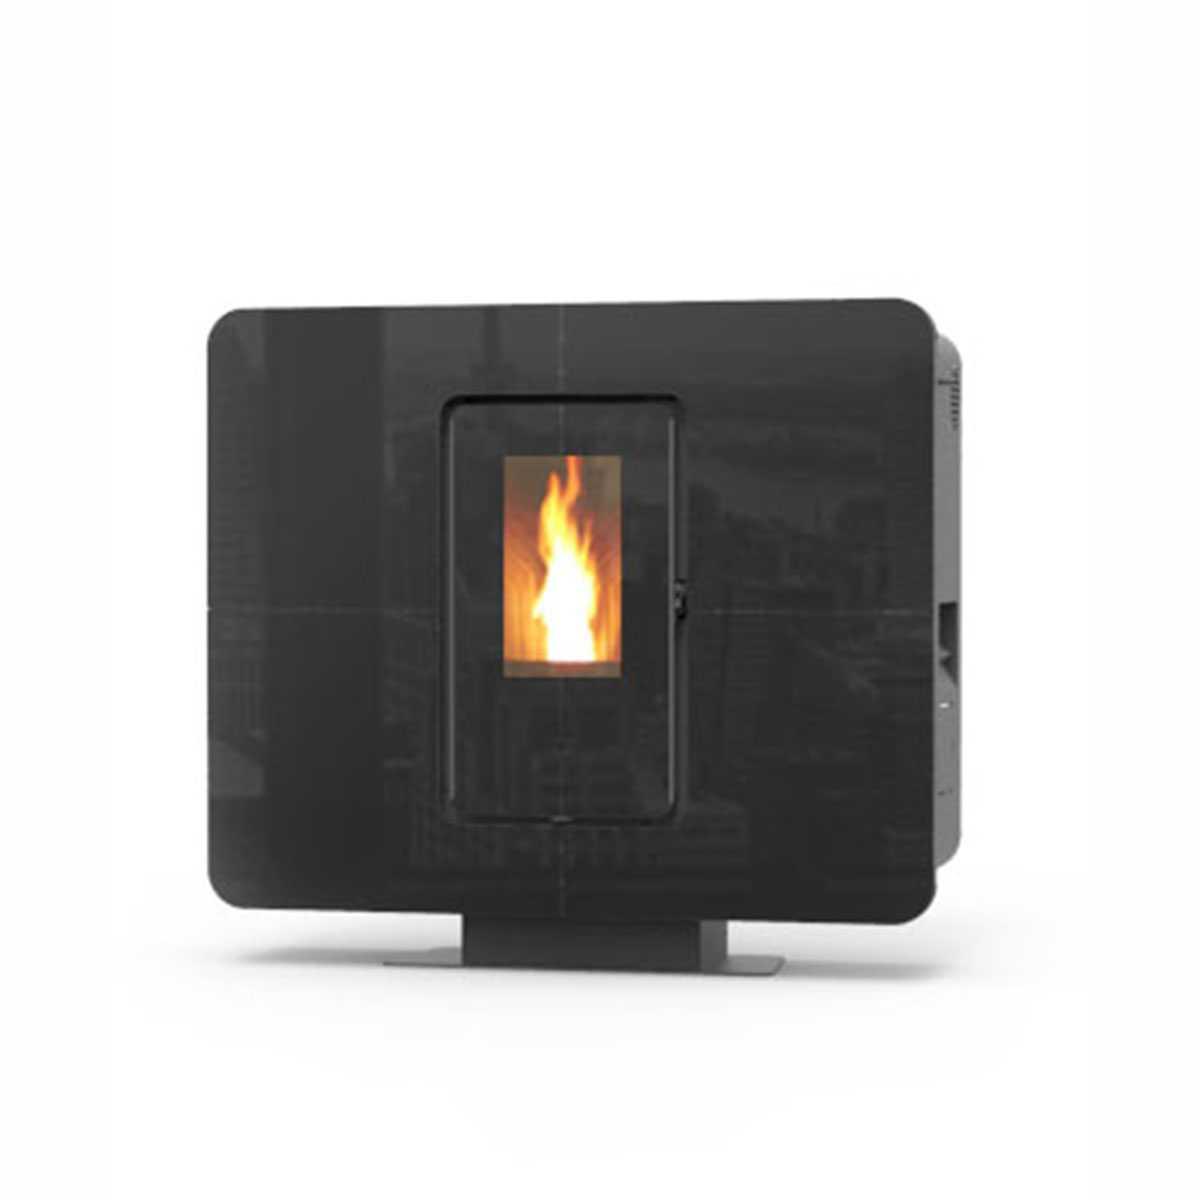 Termostufa a pellet modello 'SlimQuadro Idra' in elegante cristallo nero classe A+ by Thermorossi